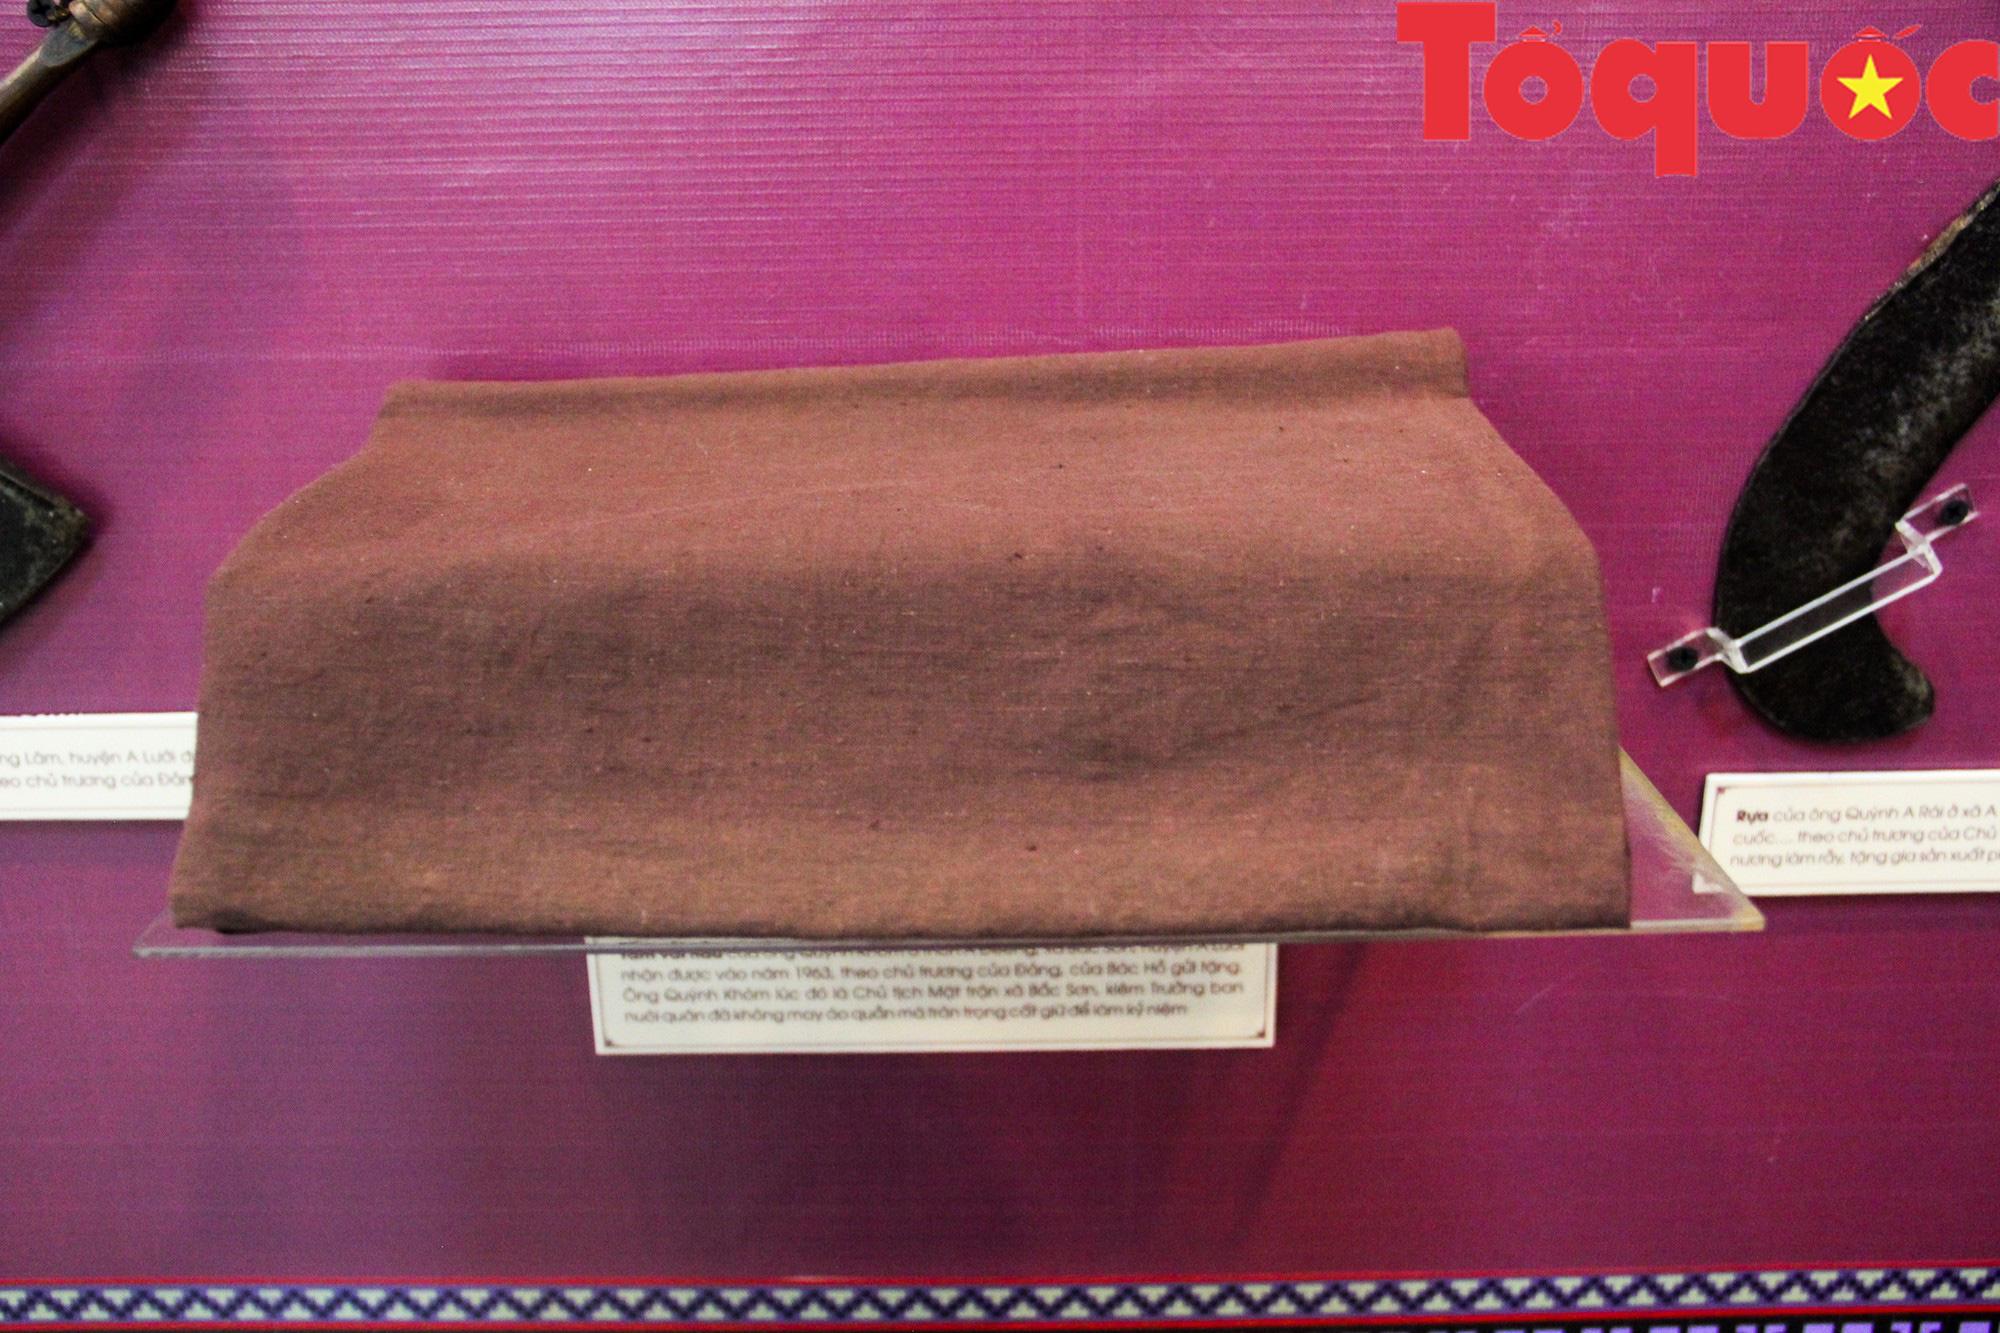 Triển lãm 250 hình ảnh, hiện vật Họ Hồ ở miền Tây Thừa Thiên Huế - Ảnh 10.